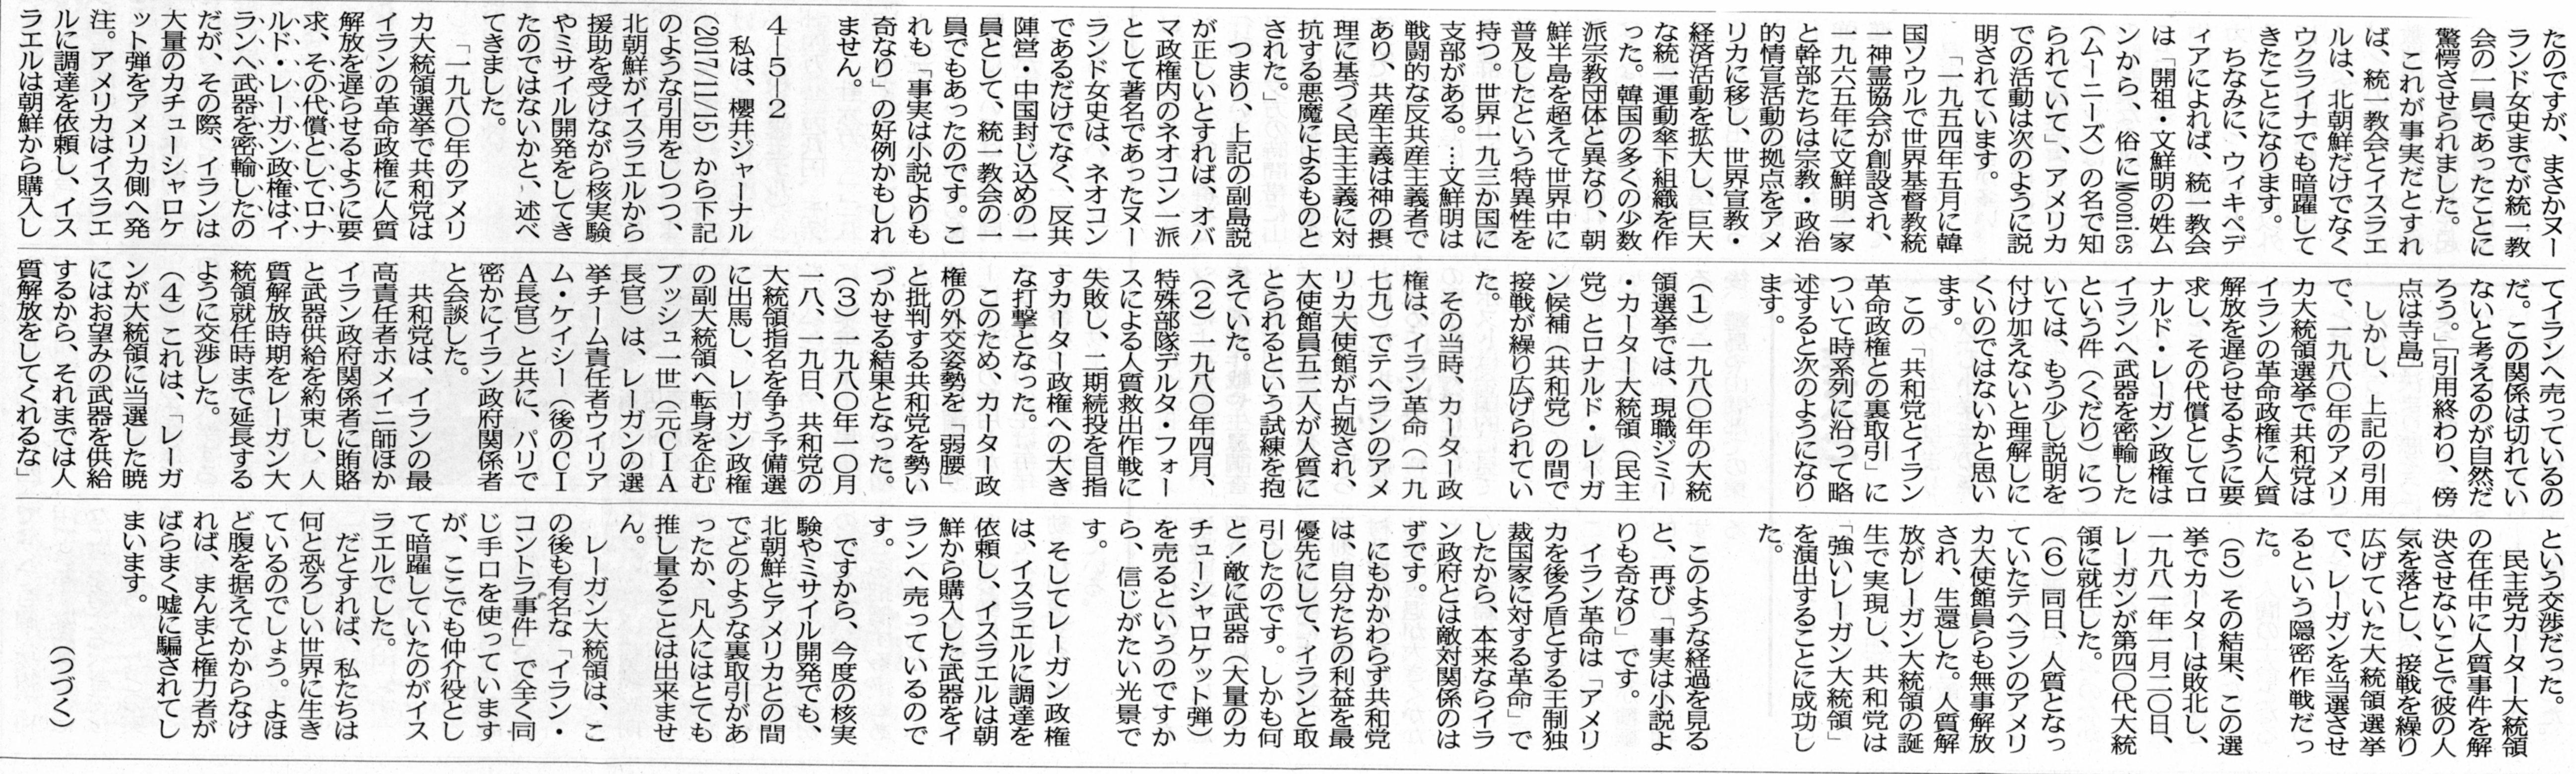 長州新聞20190210神に選ばれた国と神に選ばれた民に未来はあるか⑤220